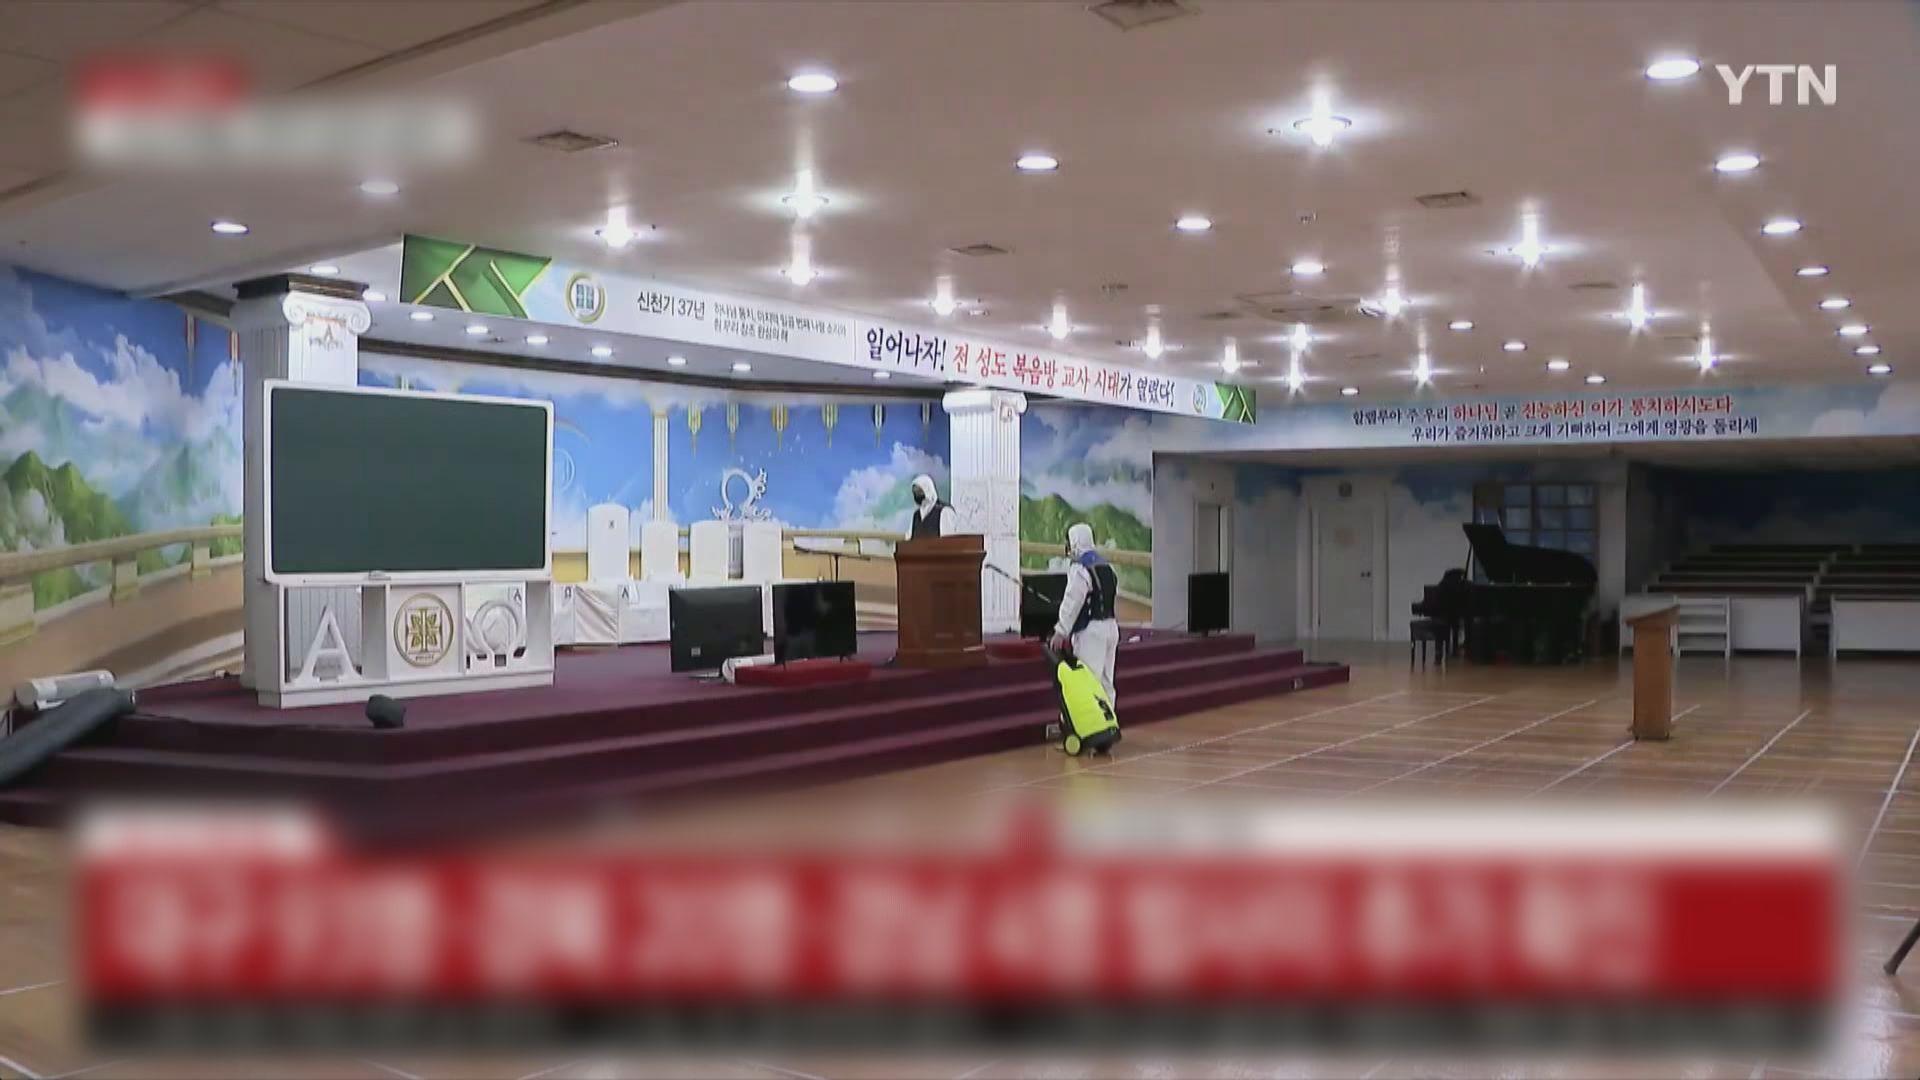 【即日焦點·疫情消息】電影人自資開口罩廠 批政府資助計劃適得其反;南韓新天地教會近萬成員須家居隔離逾千人現病徵